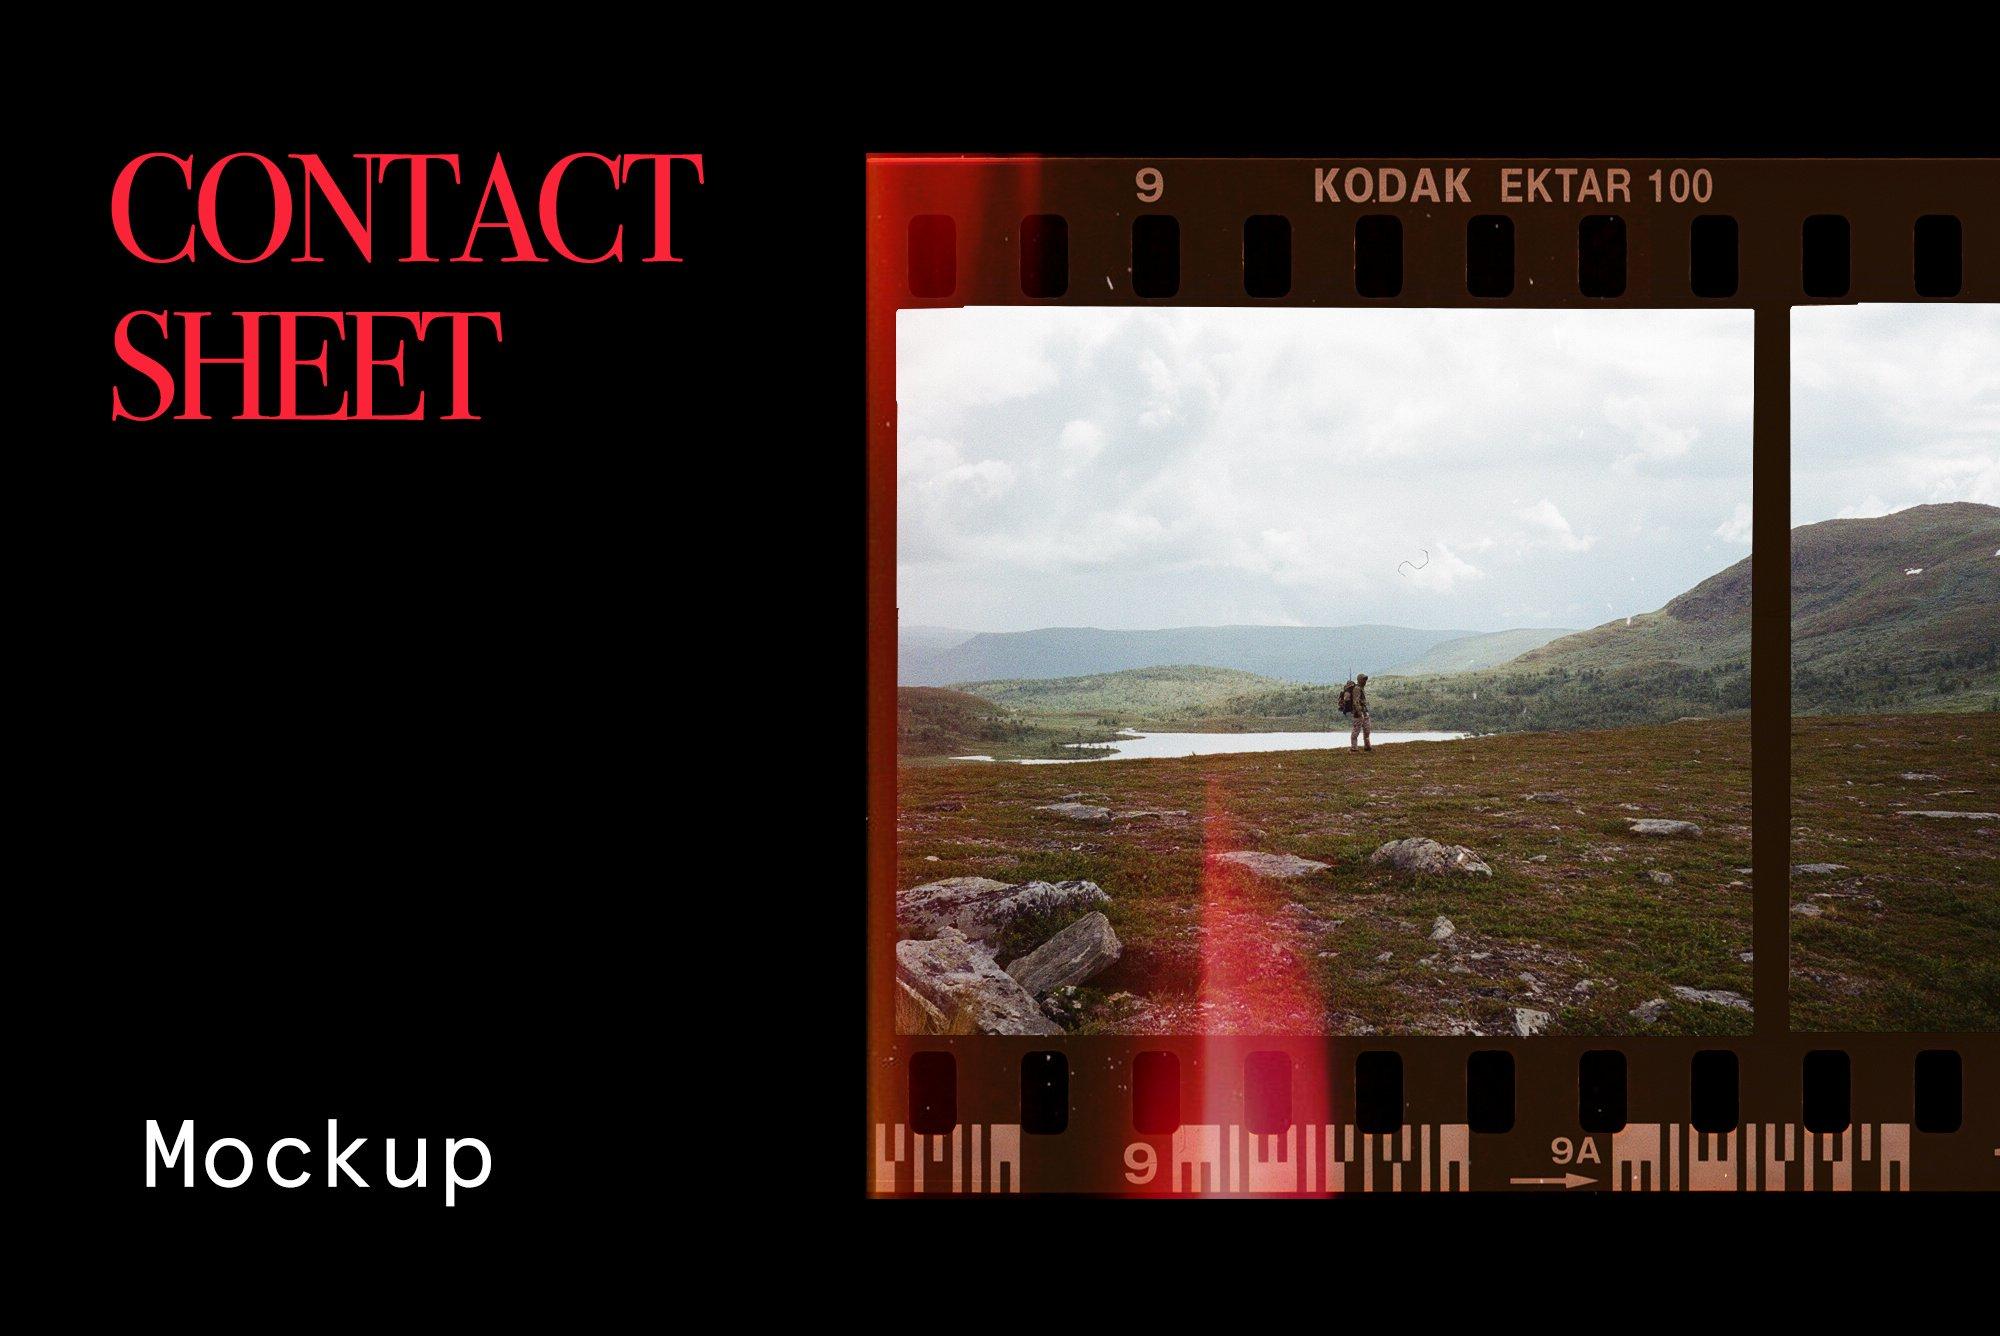 [淘宝购买] 潮流老式胶片胶卷边框图层叠加样机PS设计素材 Contact Sheet Film Roll Mockup插图